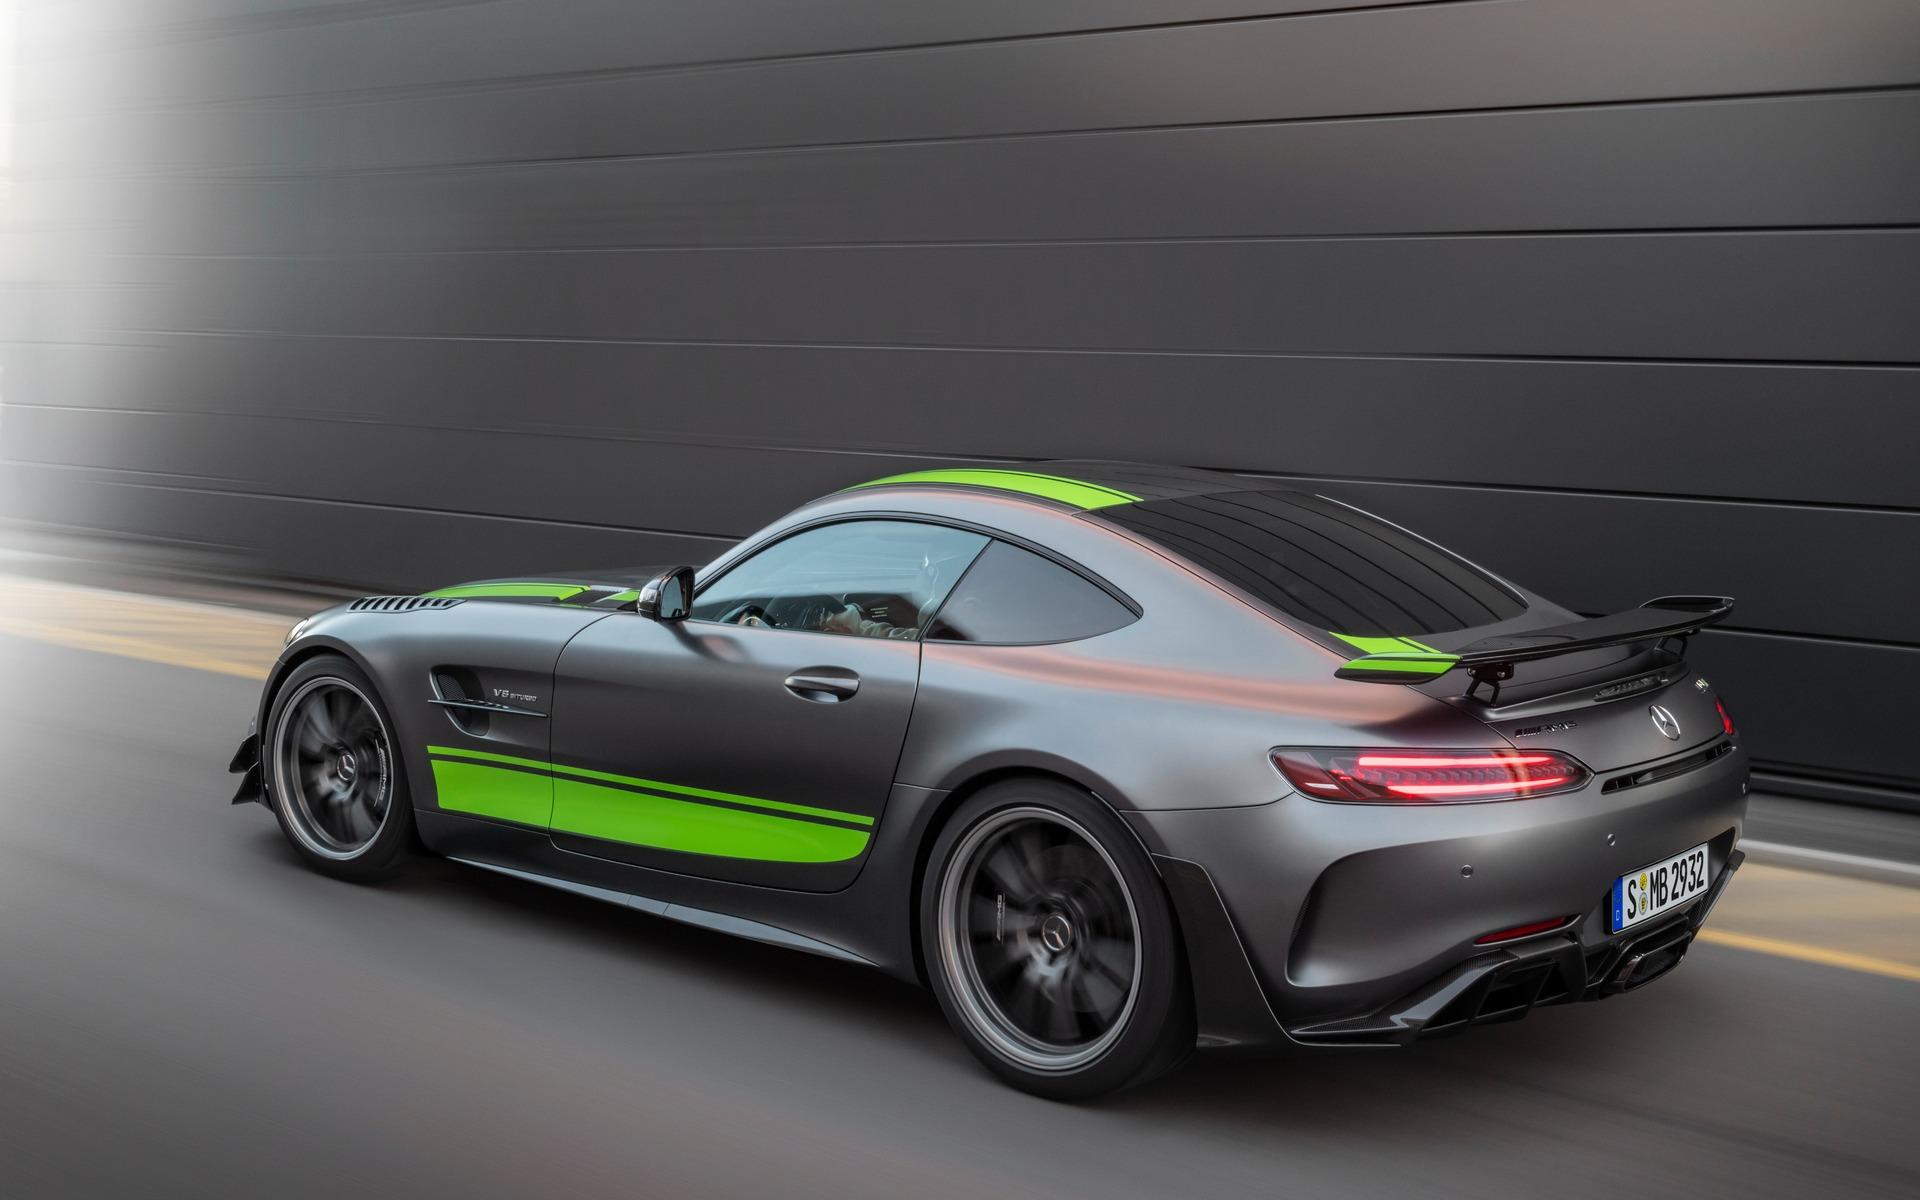 Une mise à jour pour la Mercedes-AMG GT 2020 358678_2020_Mercedes-Benz_AMG_GT